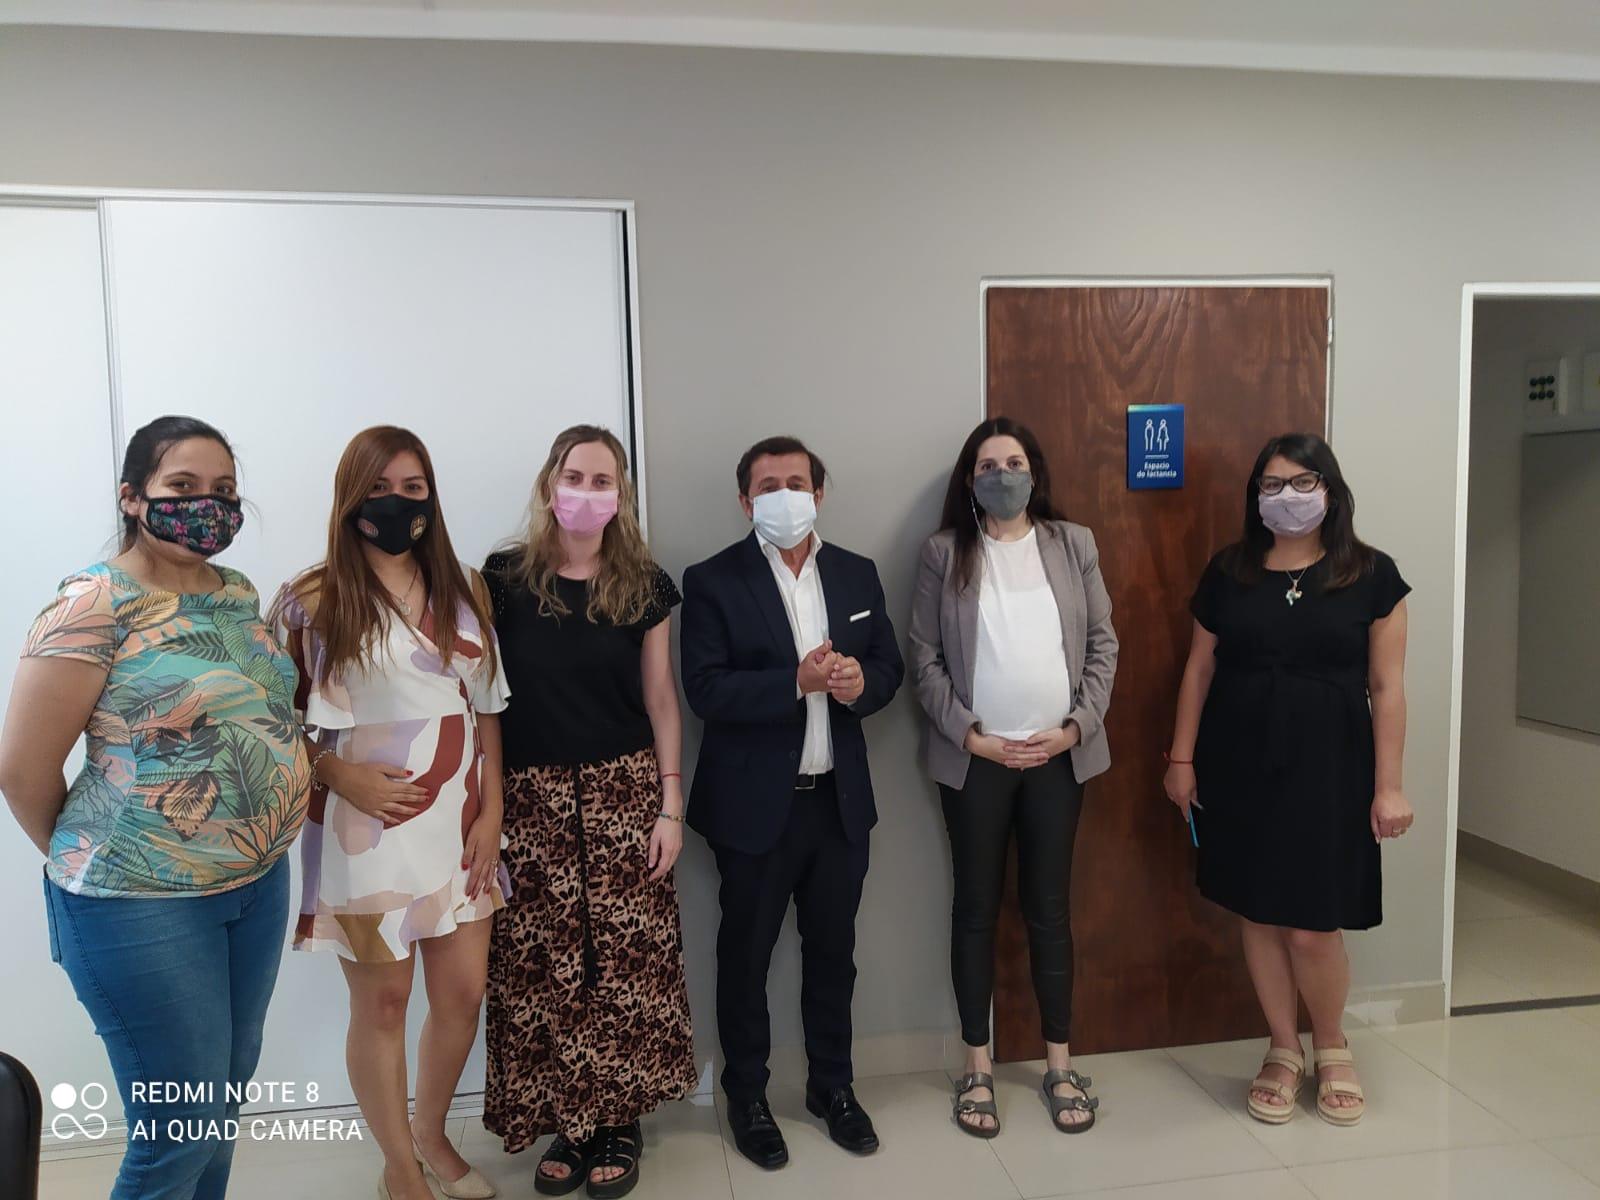 El fiscal Villalba inaugura el lactario junto a las empleadas embarazadas de la Unidad Fiscal Salta.  - Foto: Sebastián Rodríguez / Ministerio Público Fiscal